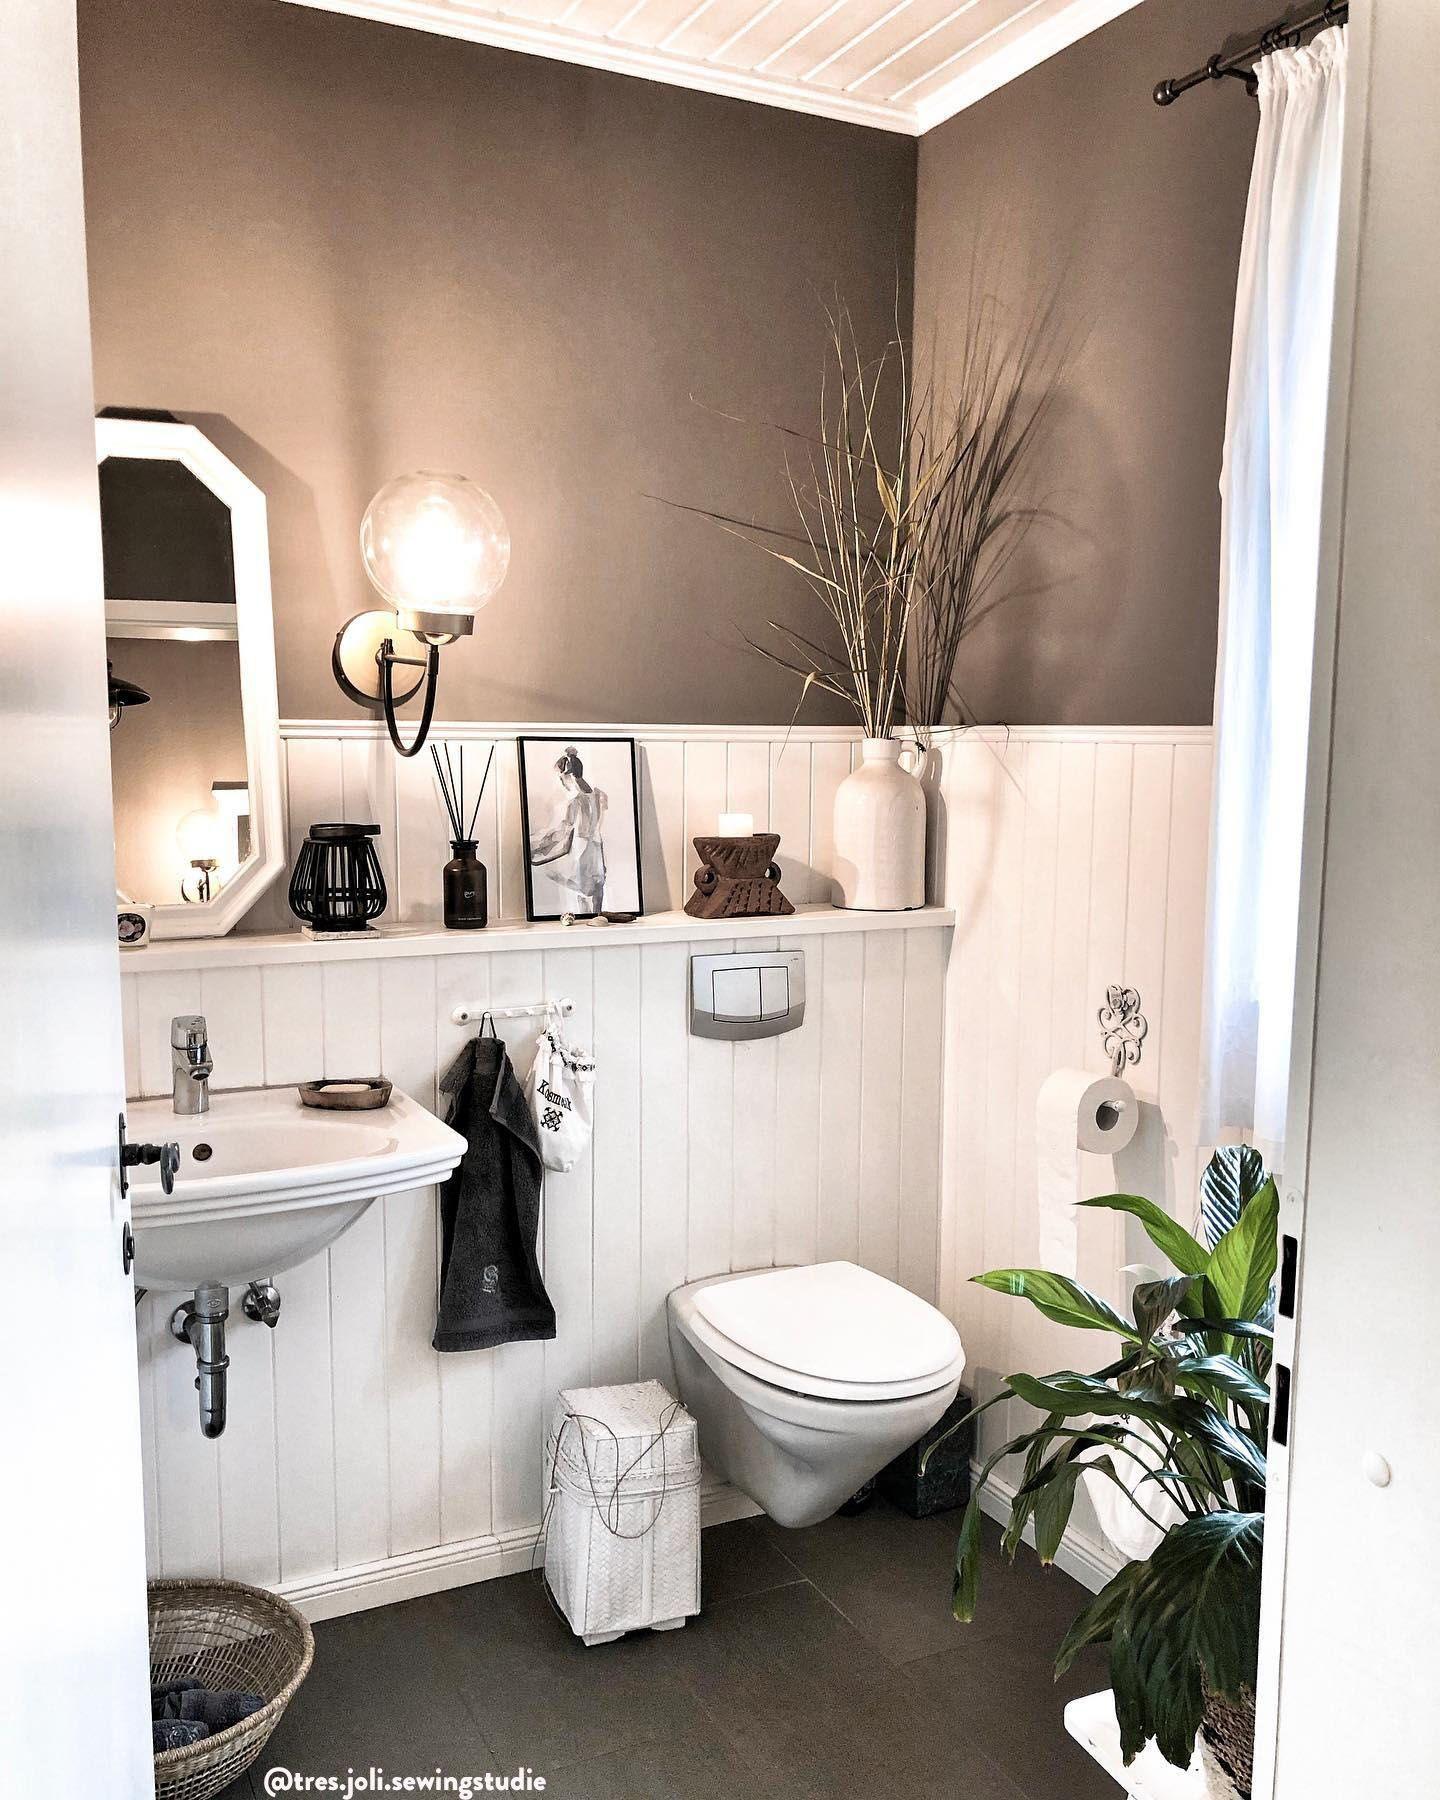 Home Spa Relaxen Im Eigenen Bad In Einem Behaglichen Wohlfuhl Badezimmer Lasst Es Sich Wunderbar Entspann Decoracion Banos Escobilla De Bano Accesorios Bano